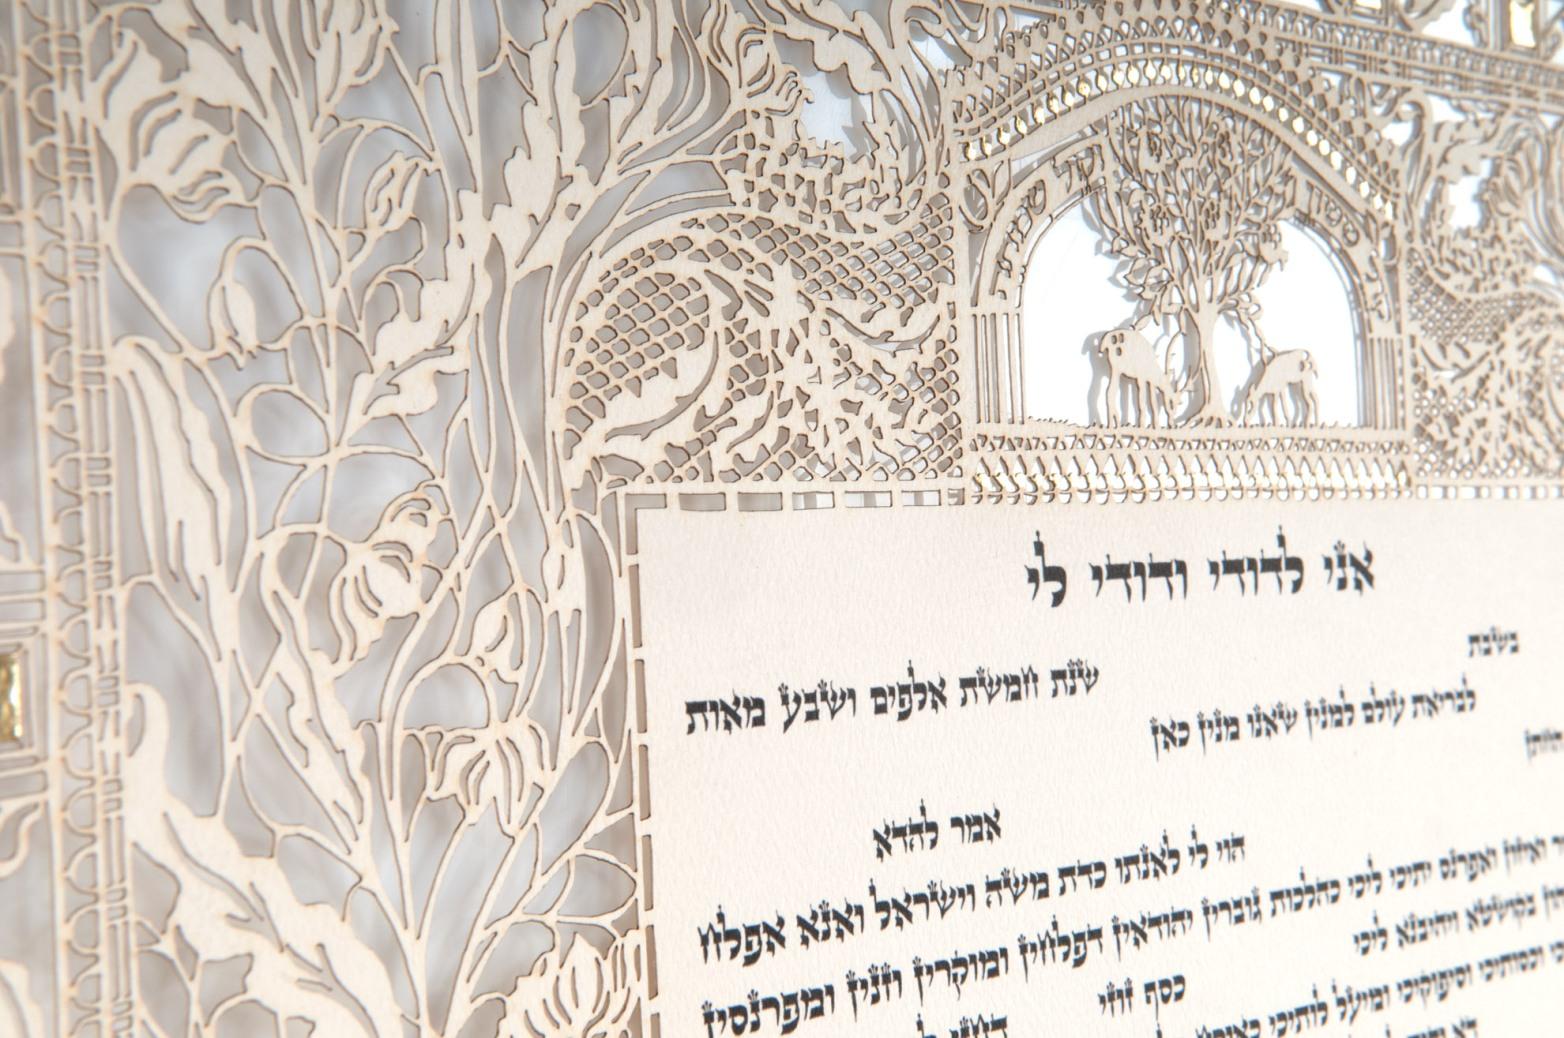 Jerusalem Gate Ketubah by Danny Azoulay